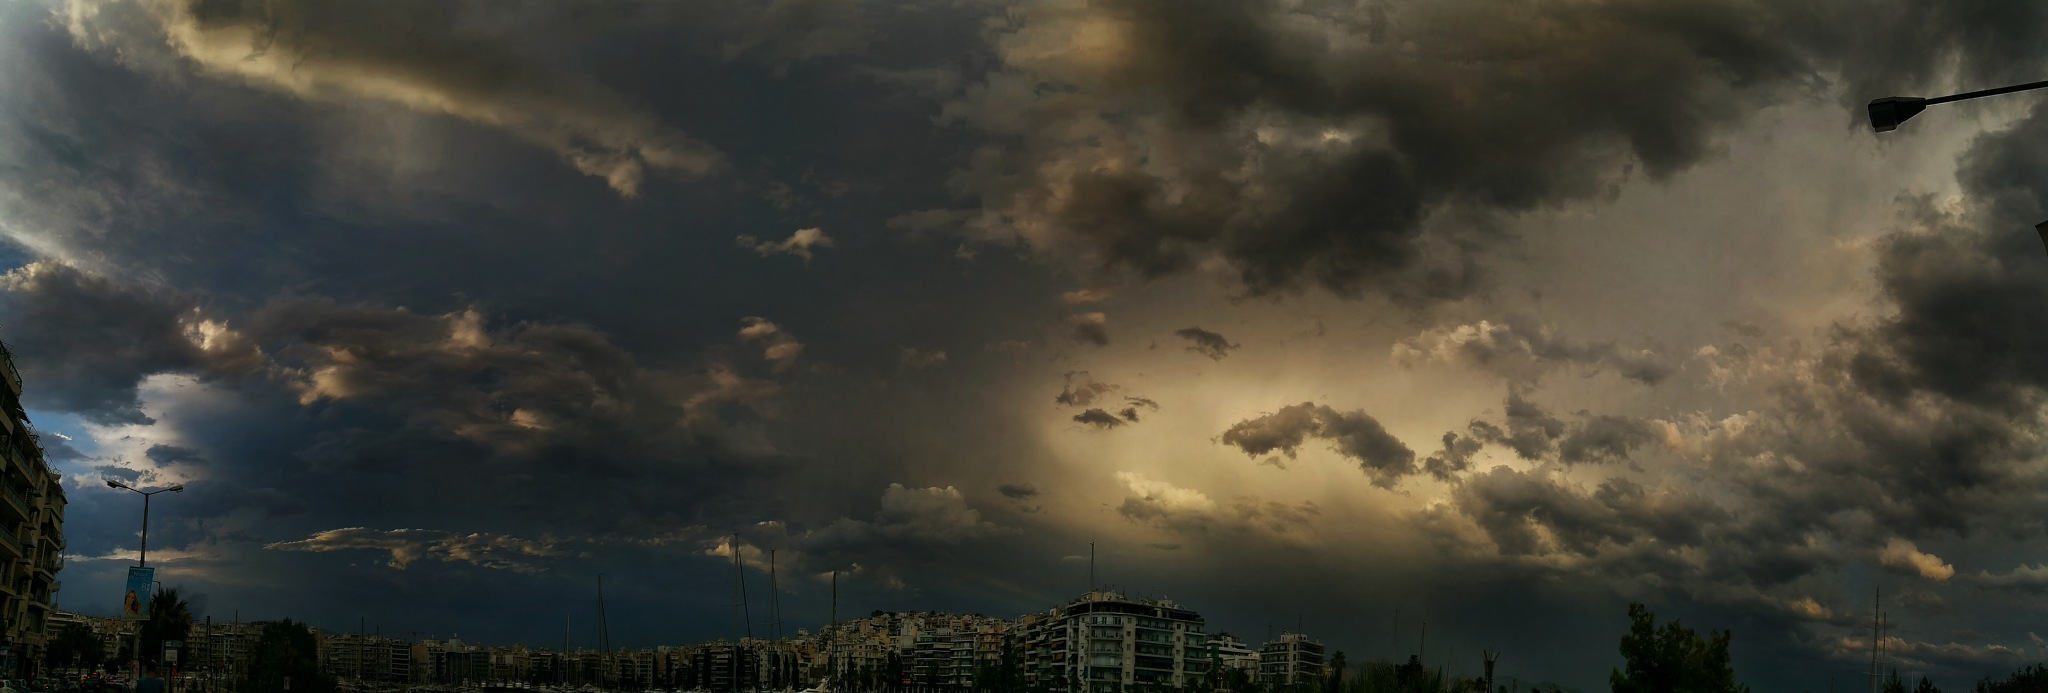 clouds by Loren Lanius